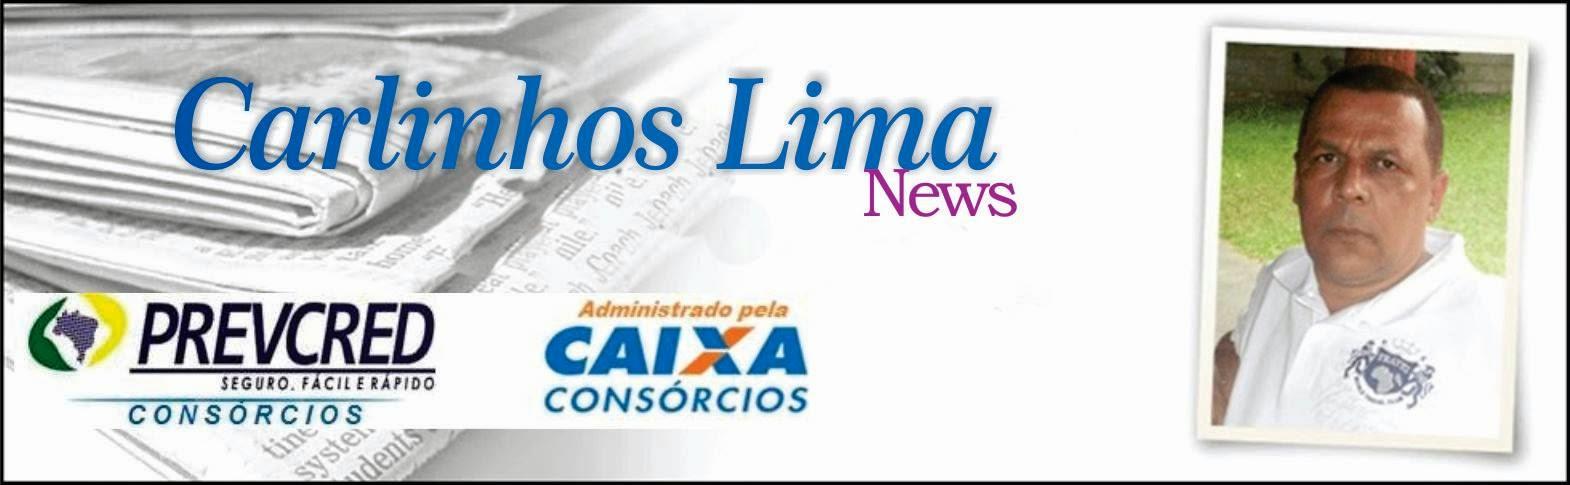 Calinhos Lima